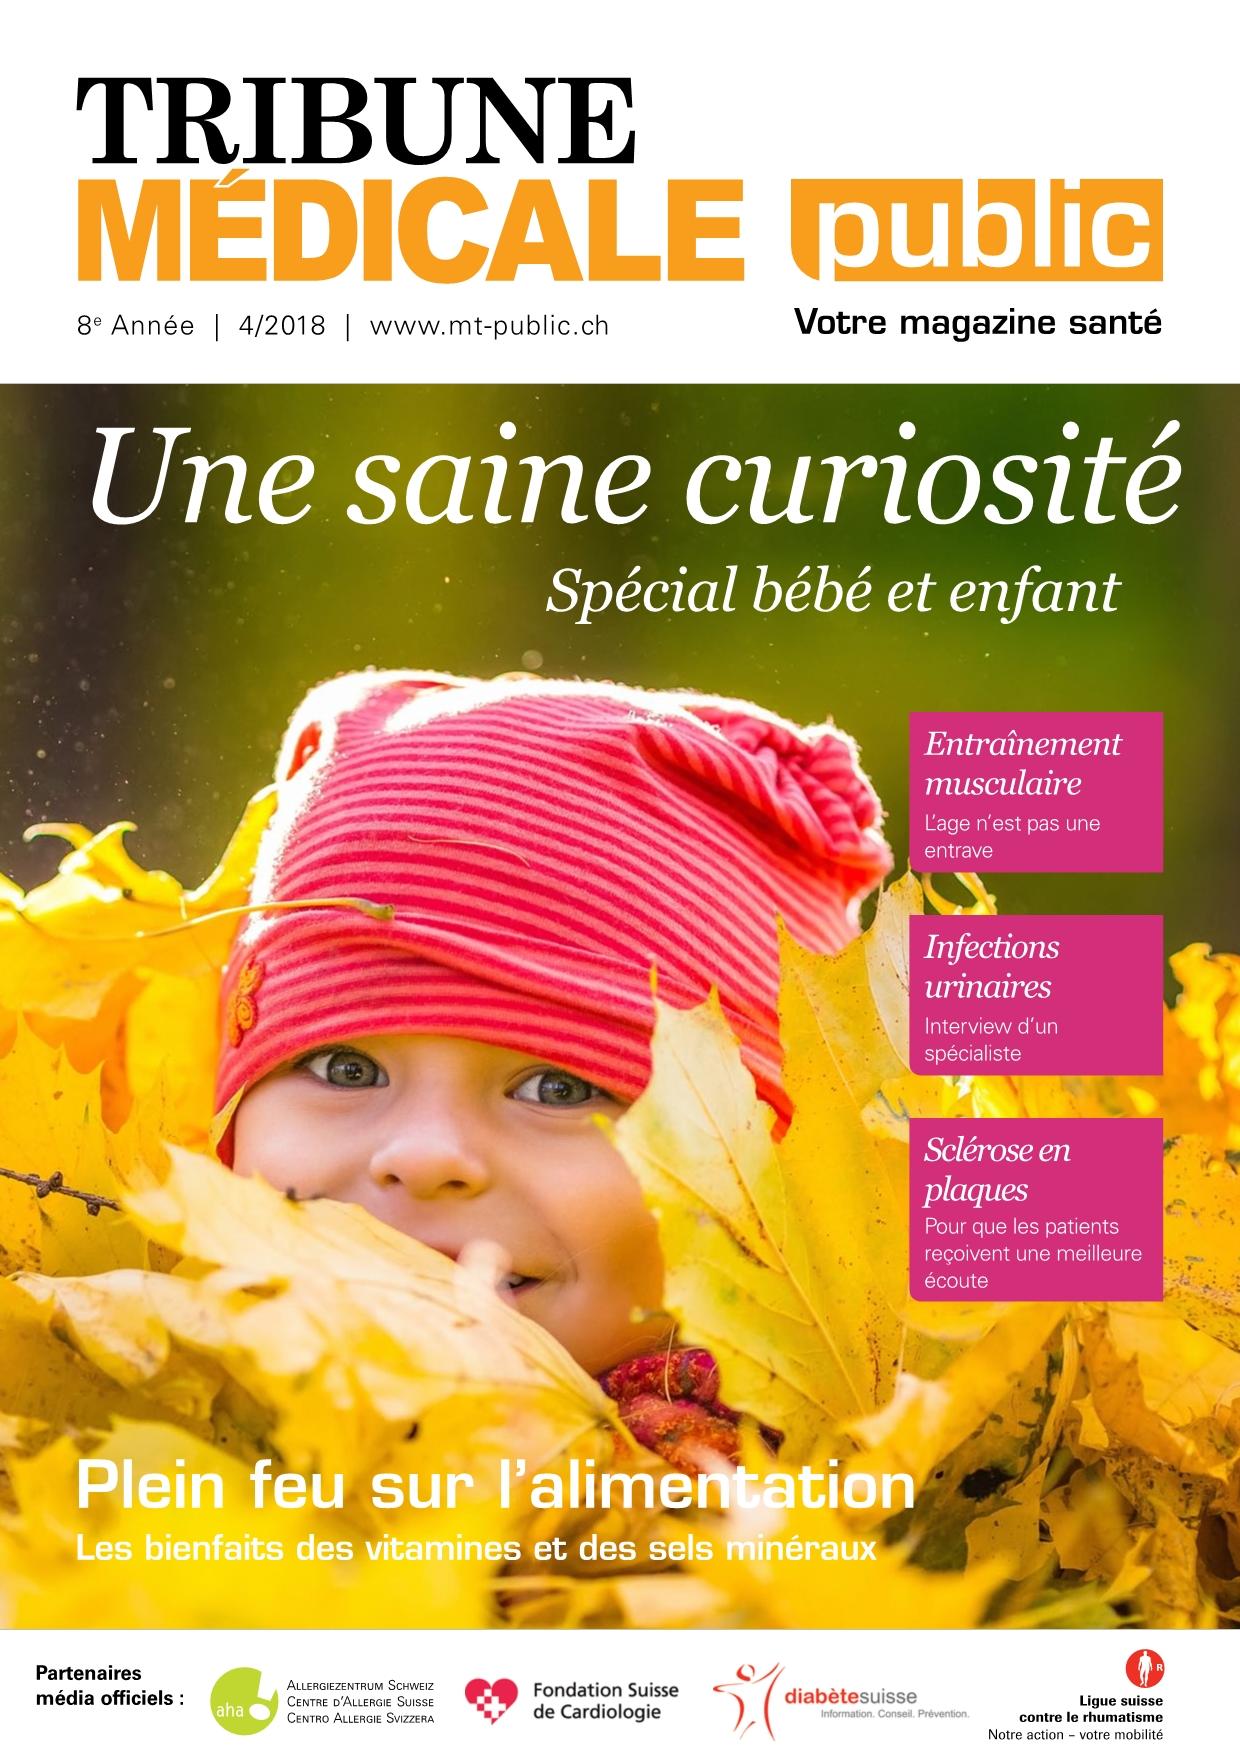 301cd5198c5a96 TMp 04 18 - Tribune Médicale Public FR